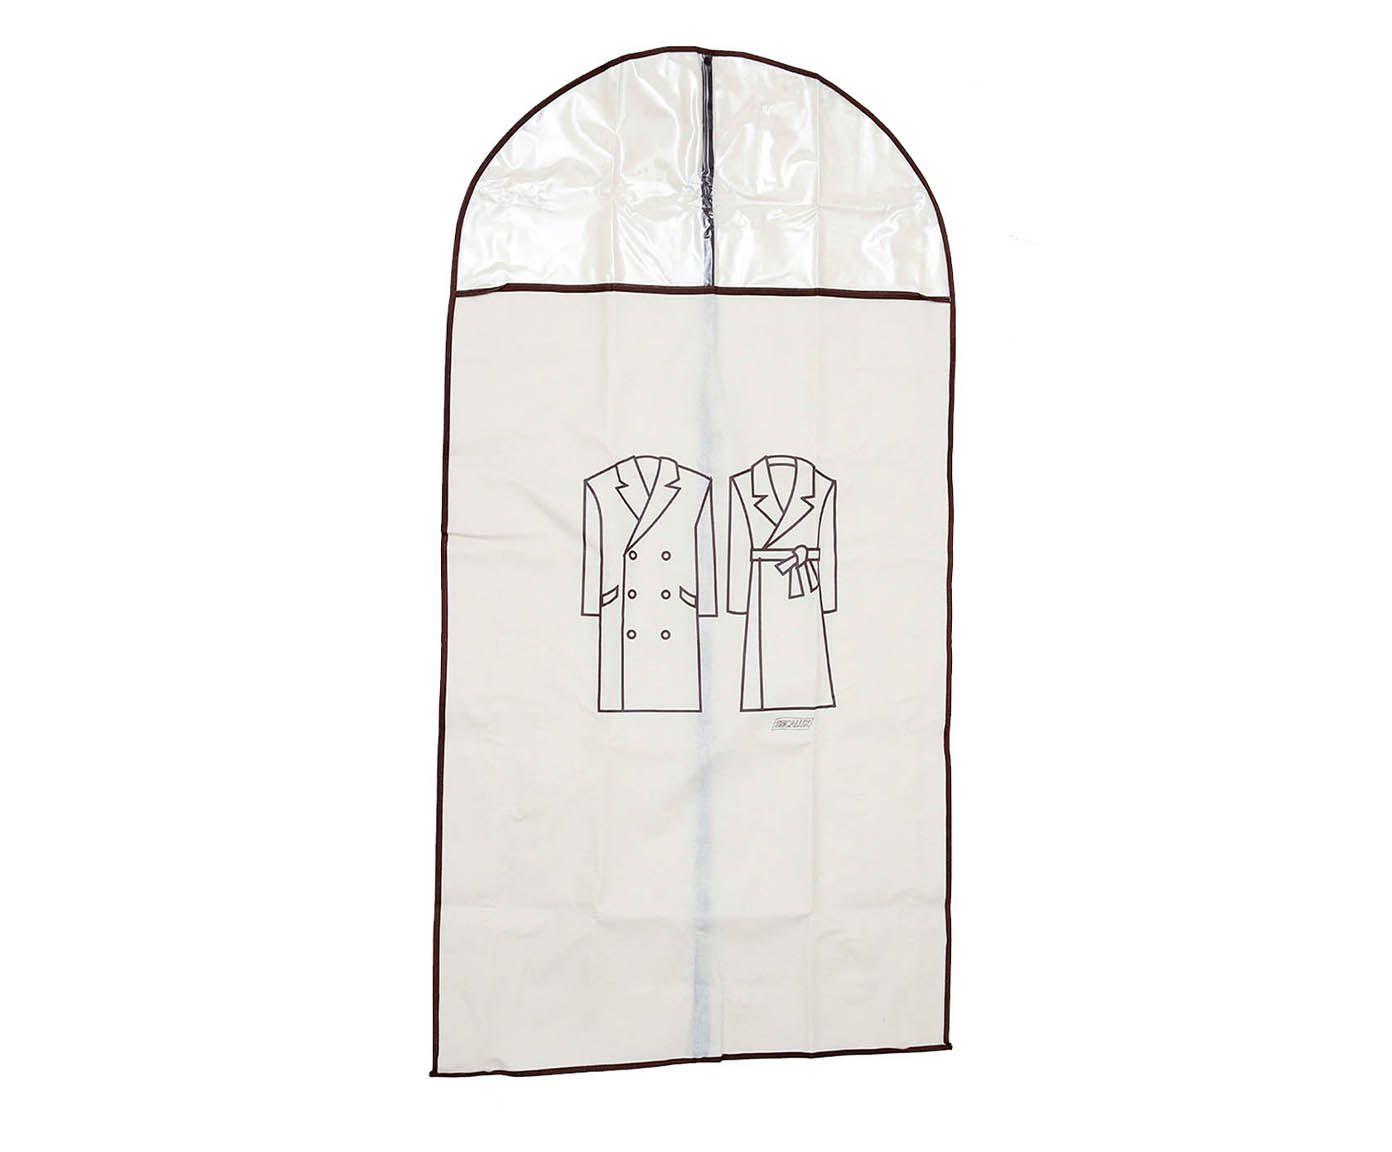 Capa Protetora para Roupas Sociais Bernadine - 60X120cm | Westwing.com.br